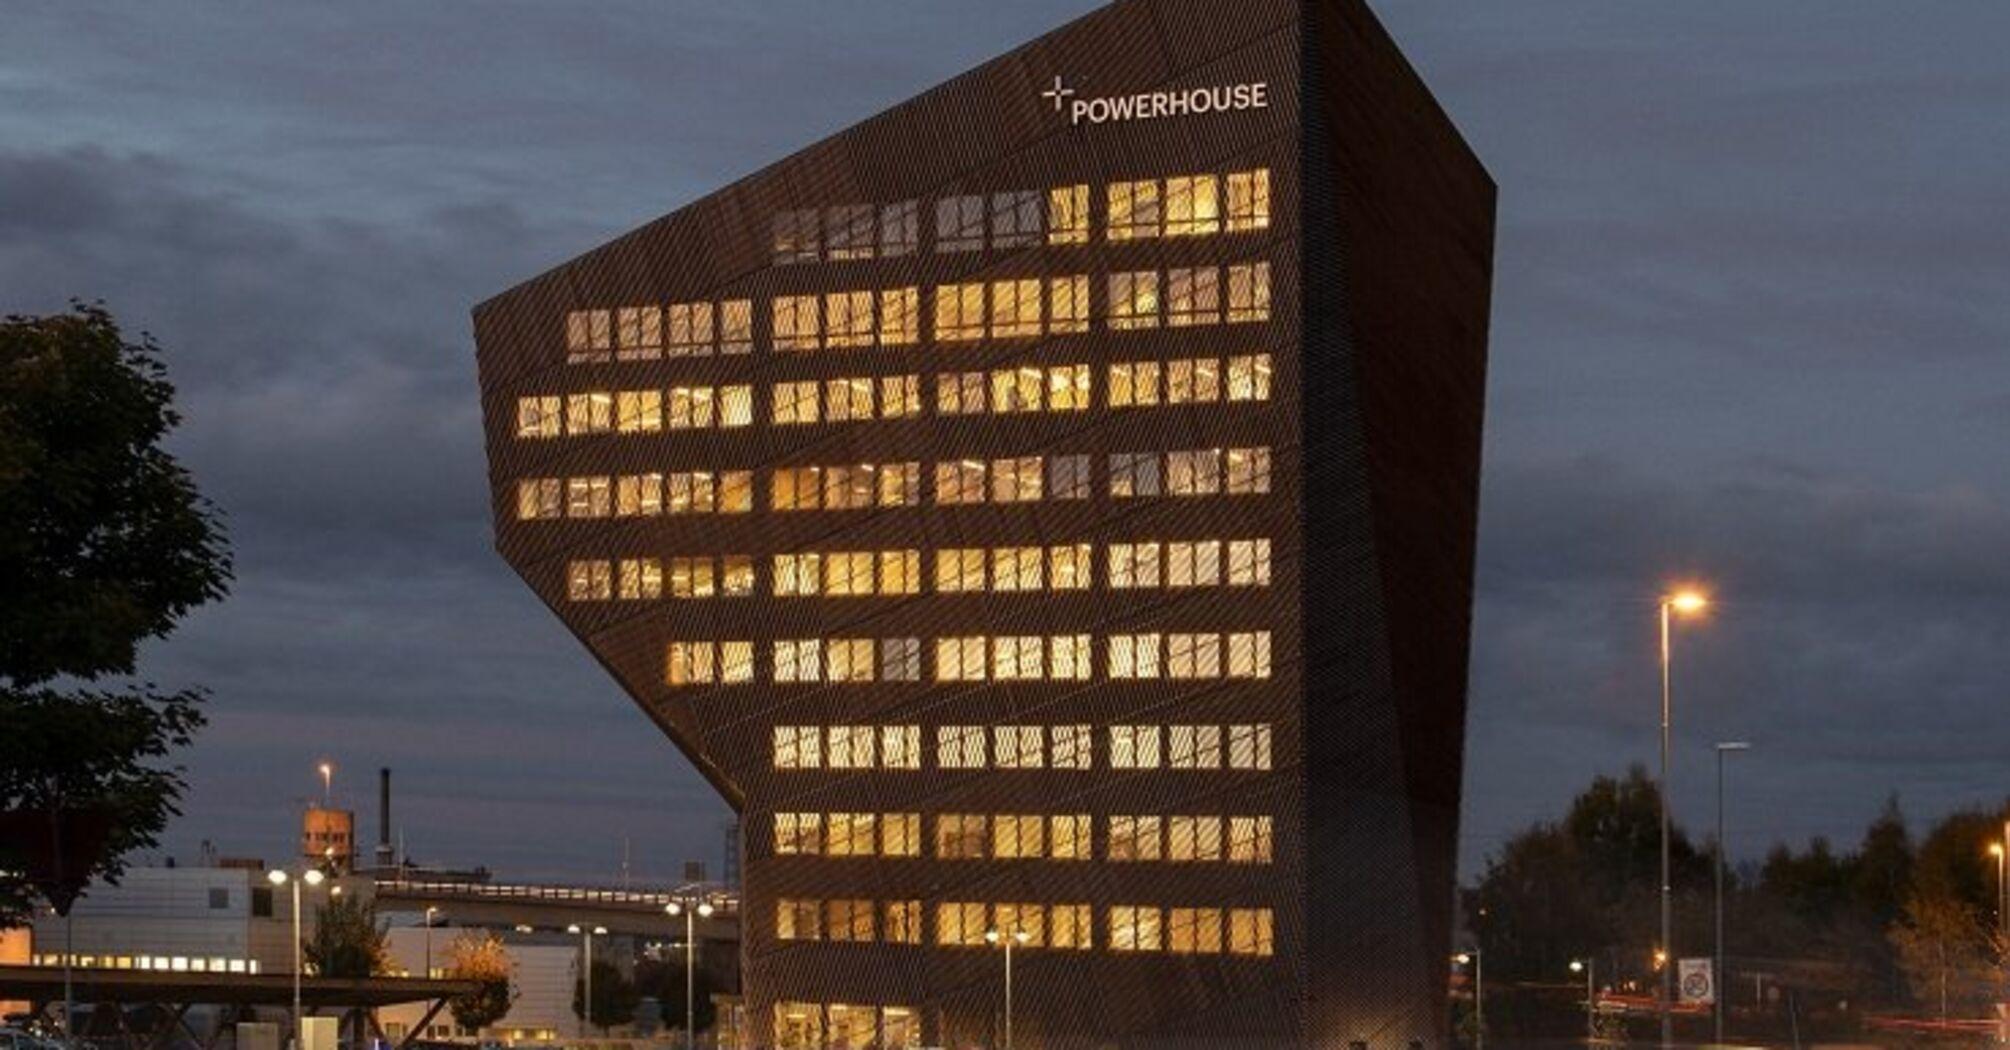 В Норвегии создали энергоэффективный офис, который производит больше энергии, чем потребляет